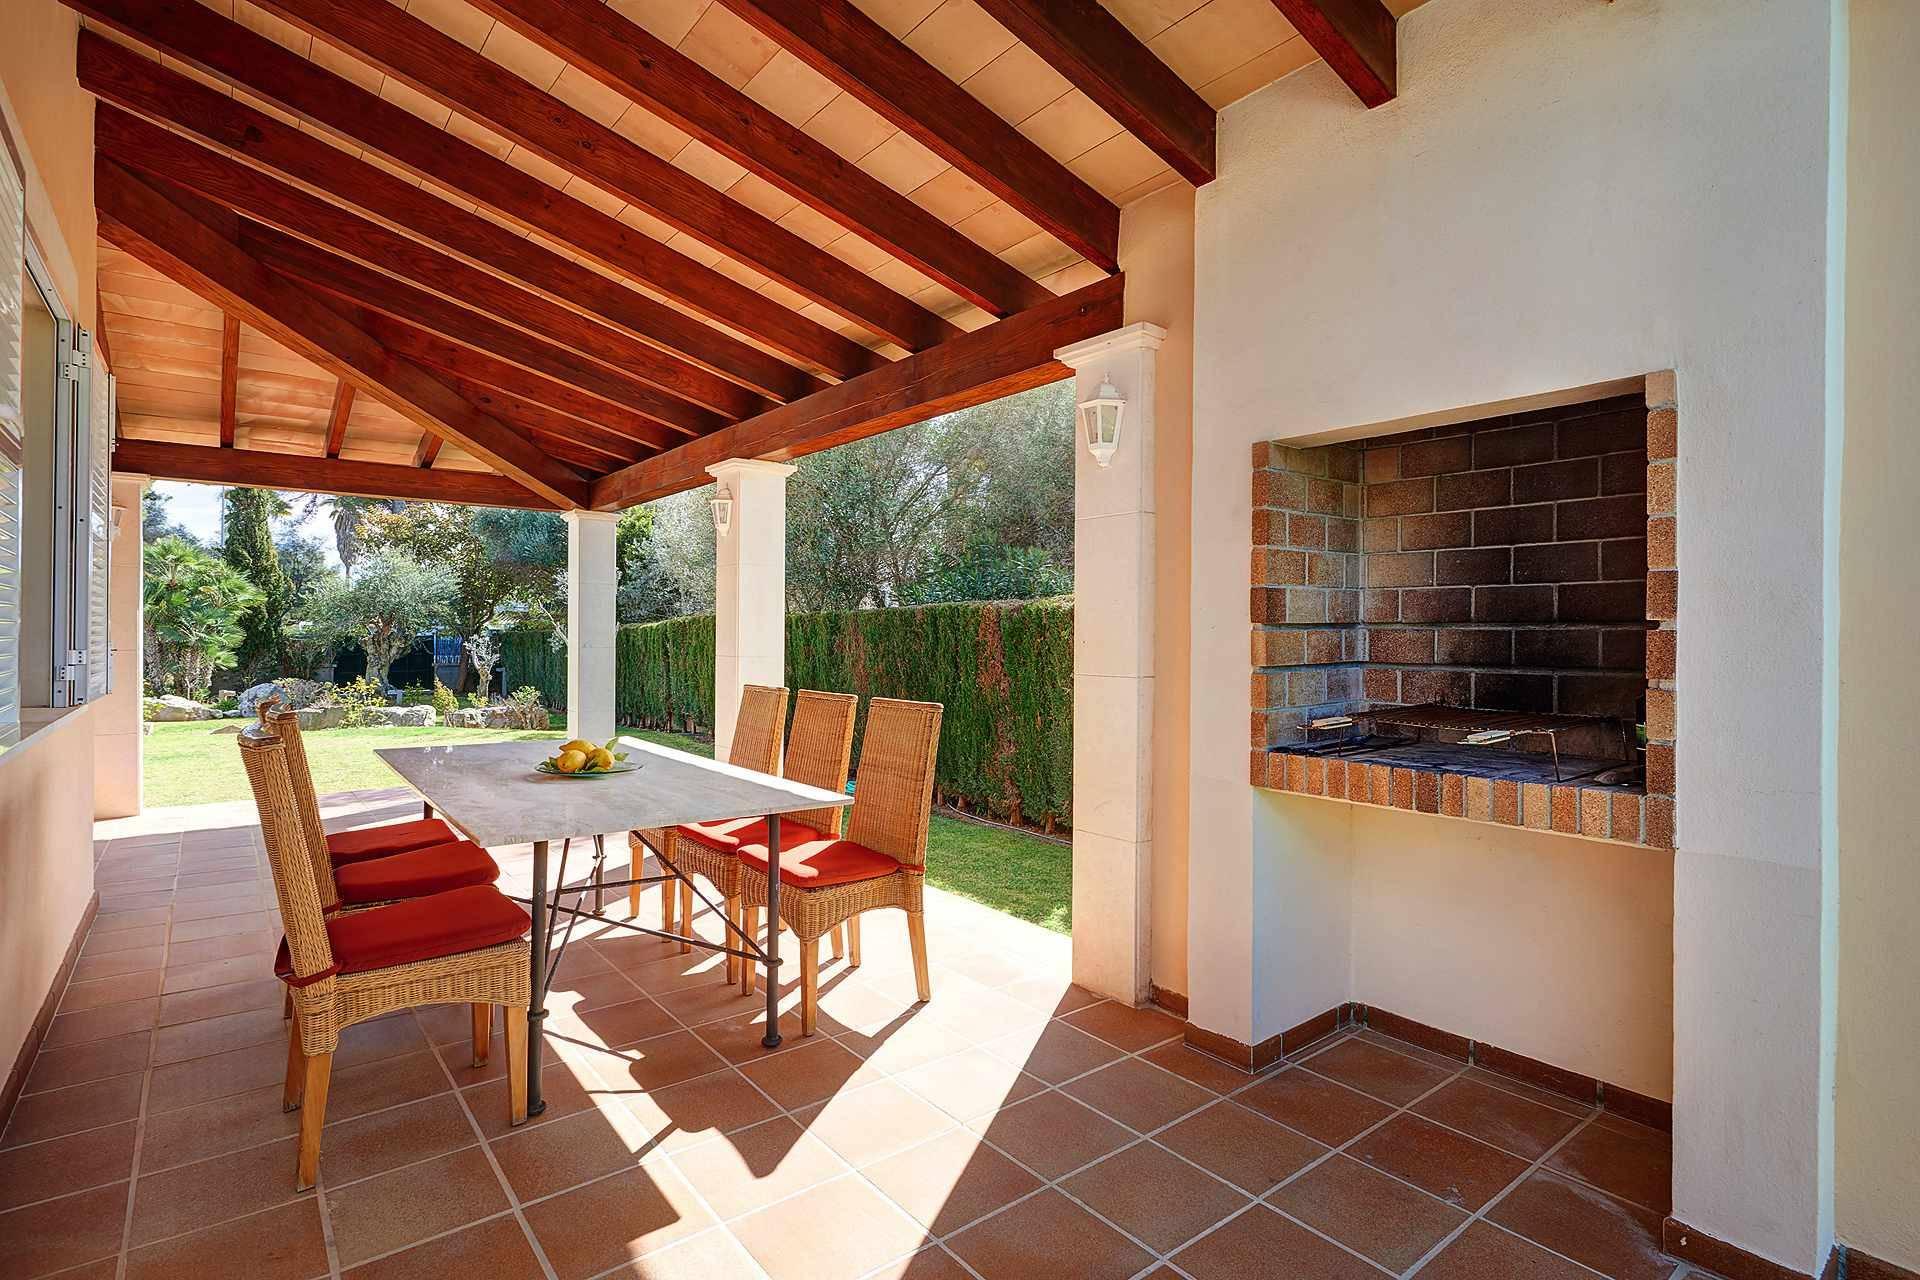 01-49 luxuriöses Chalet Nordosten Mallorca Bild 6